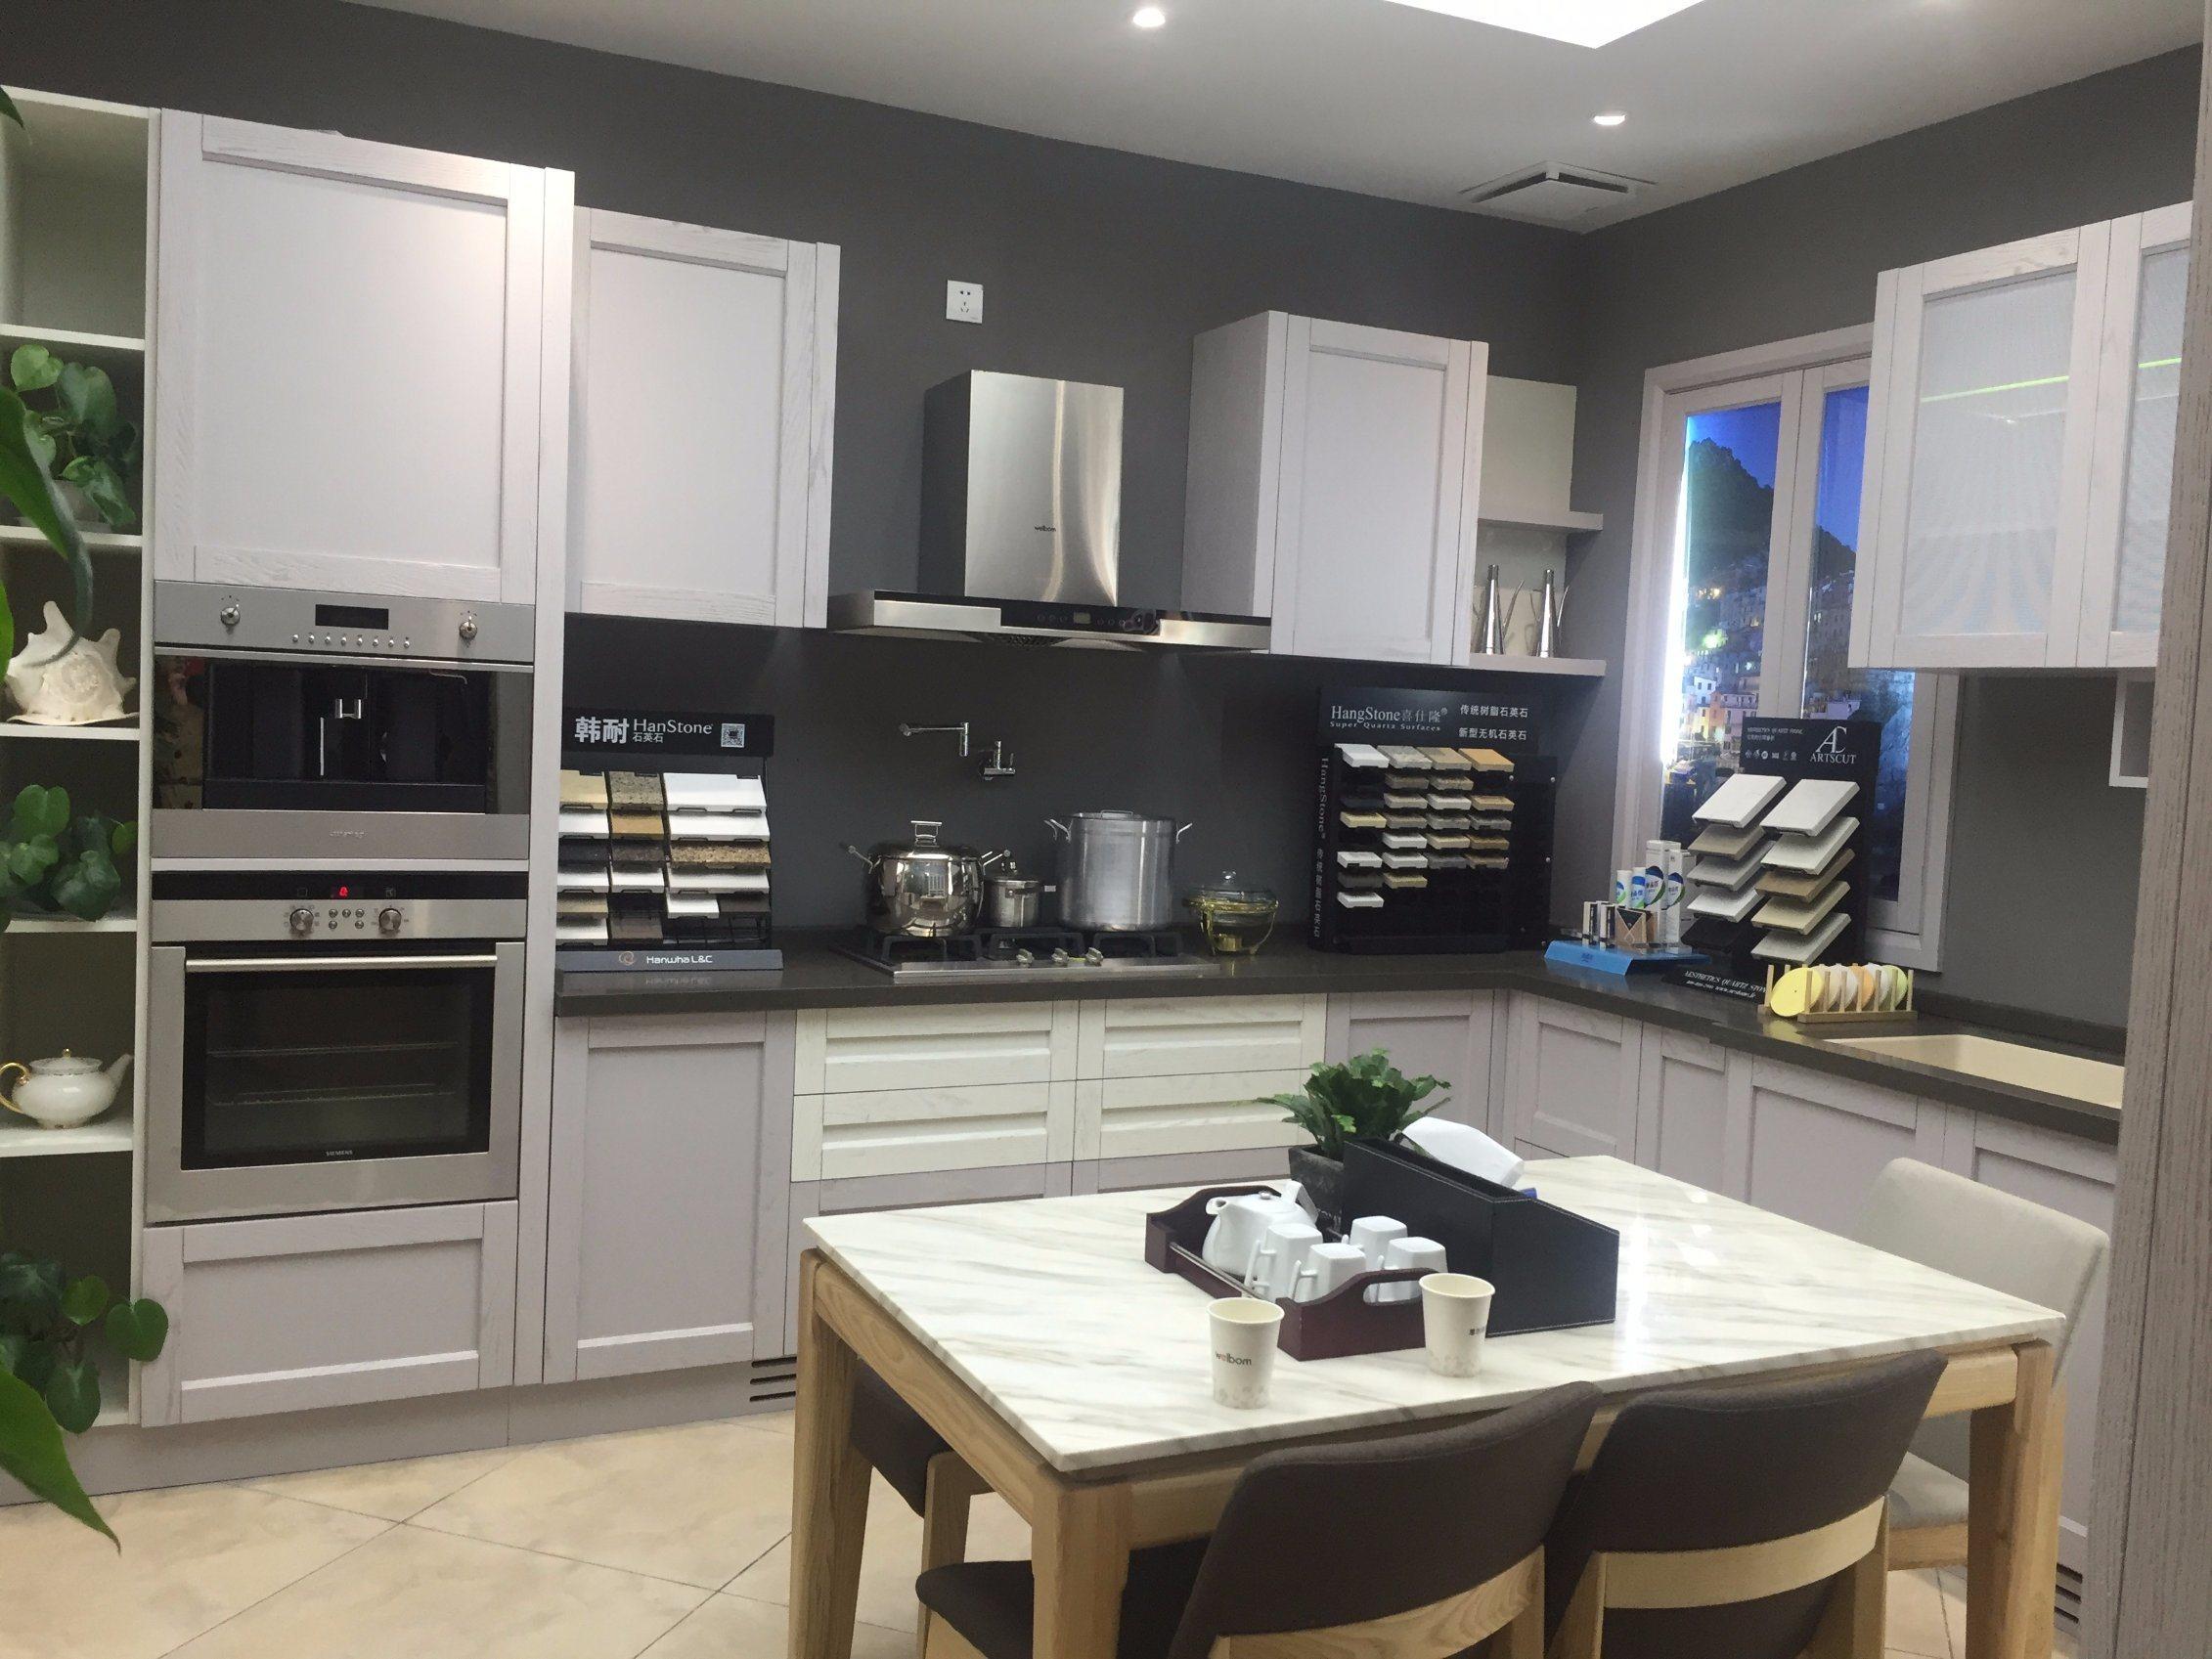 China Welbom Modern Design Modular Kitchen Cabinet s